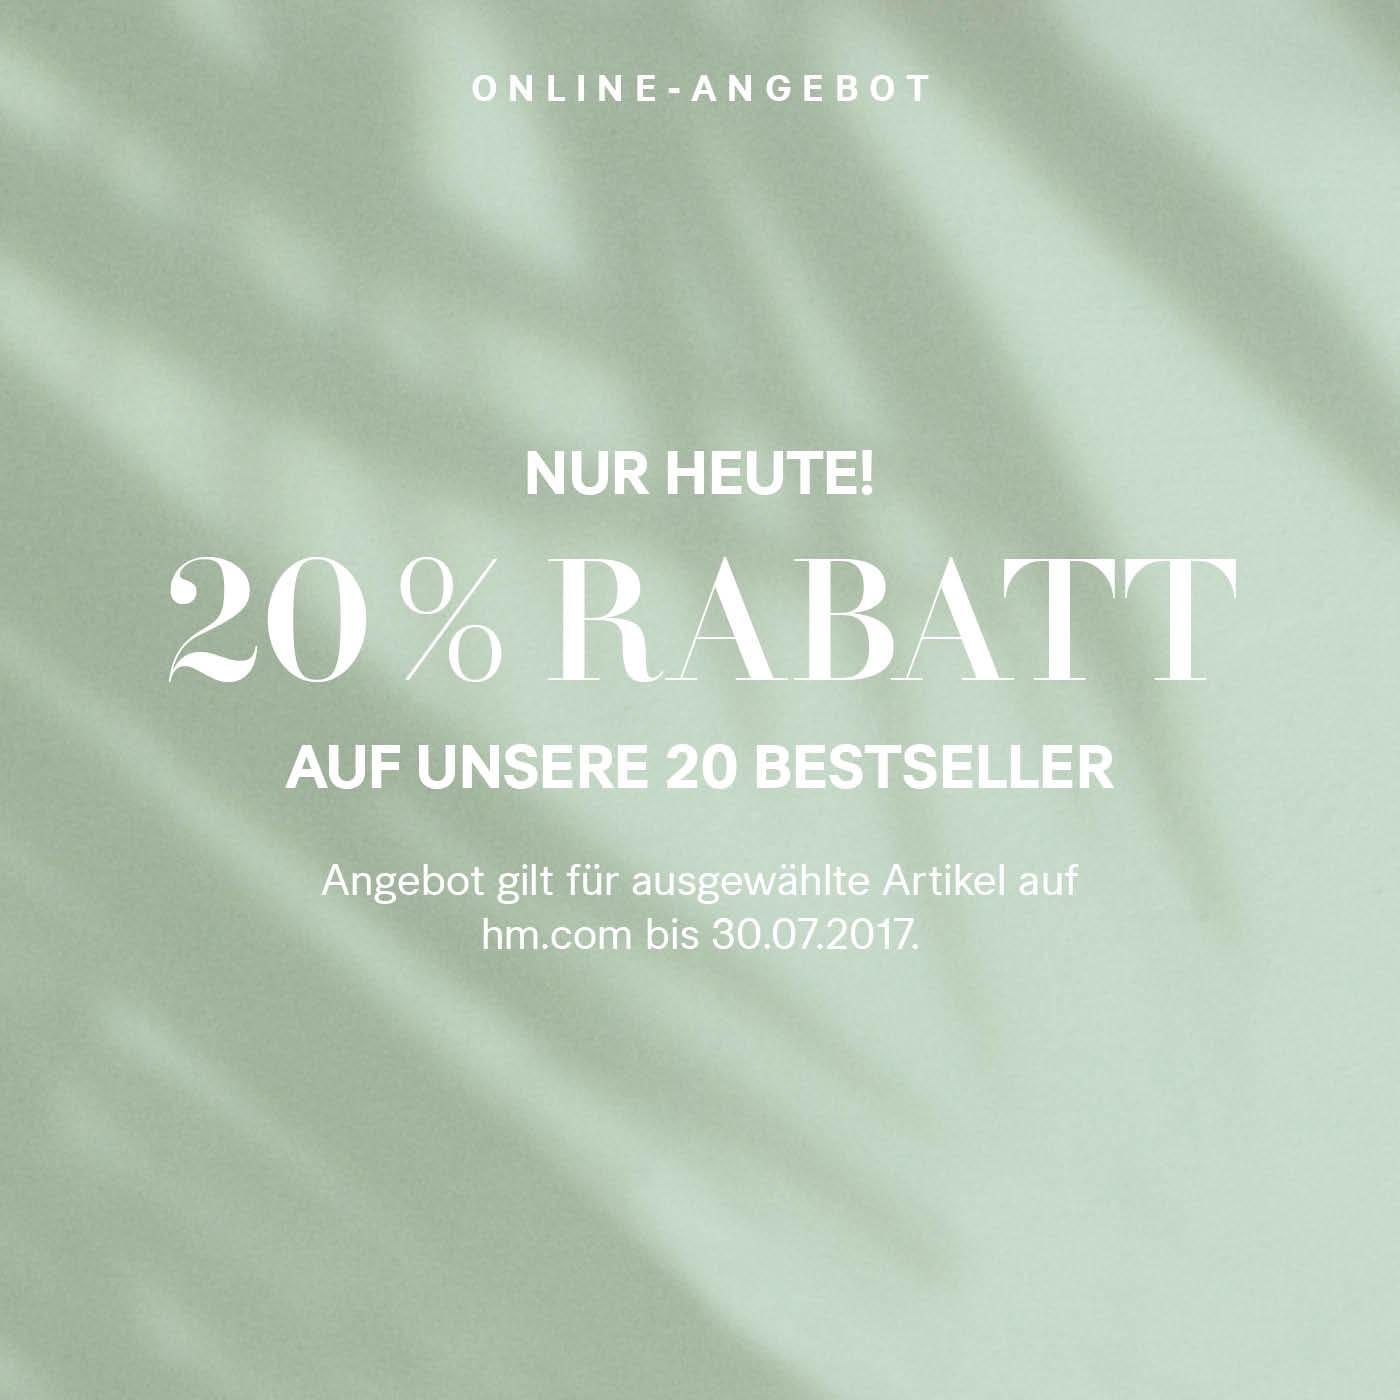 H&M: 20% Rabatt auf Bestseller + kostenloser Versand - nur heute gültig